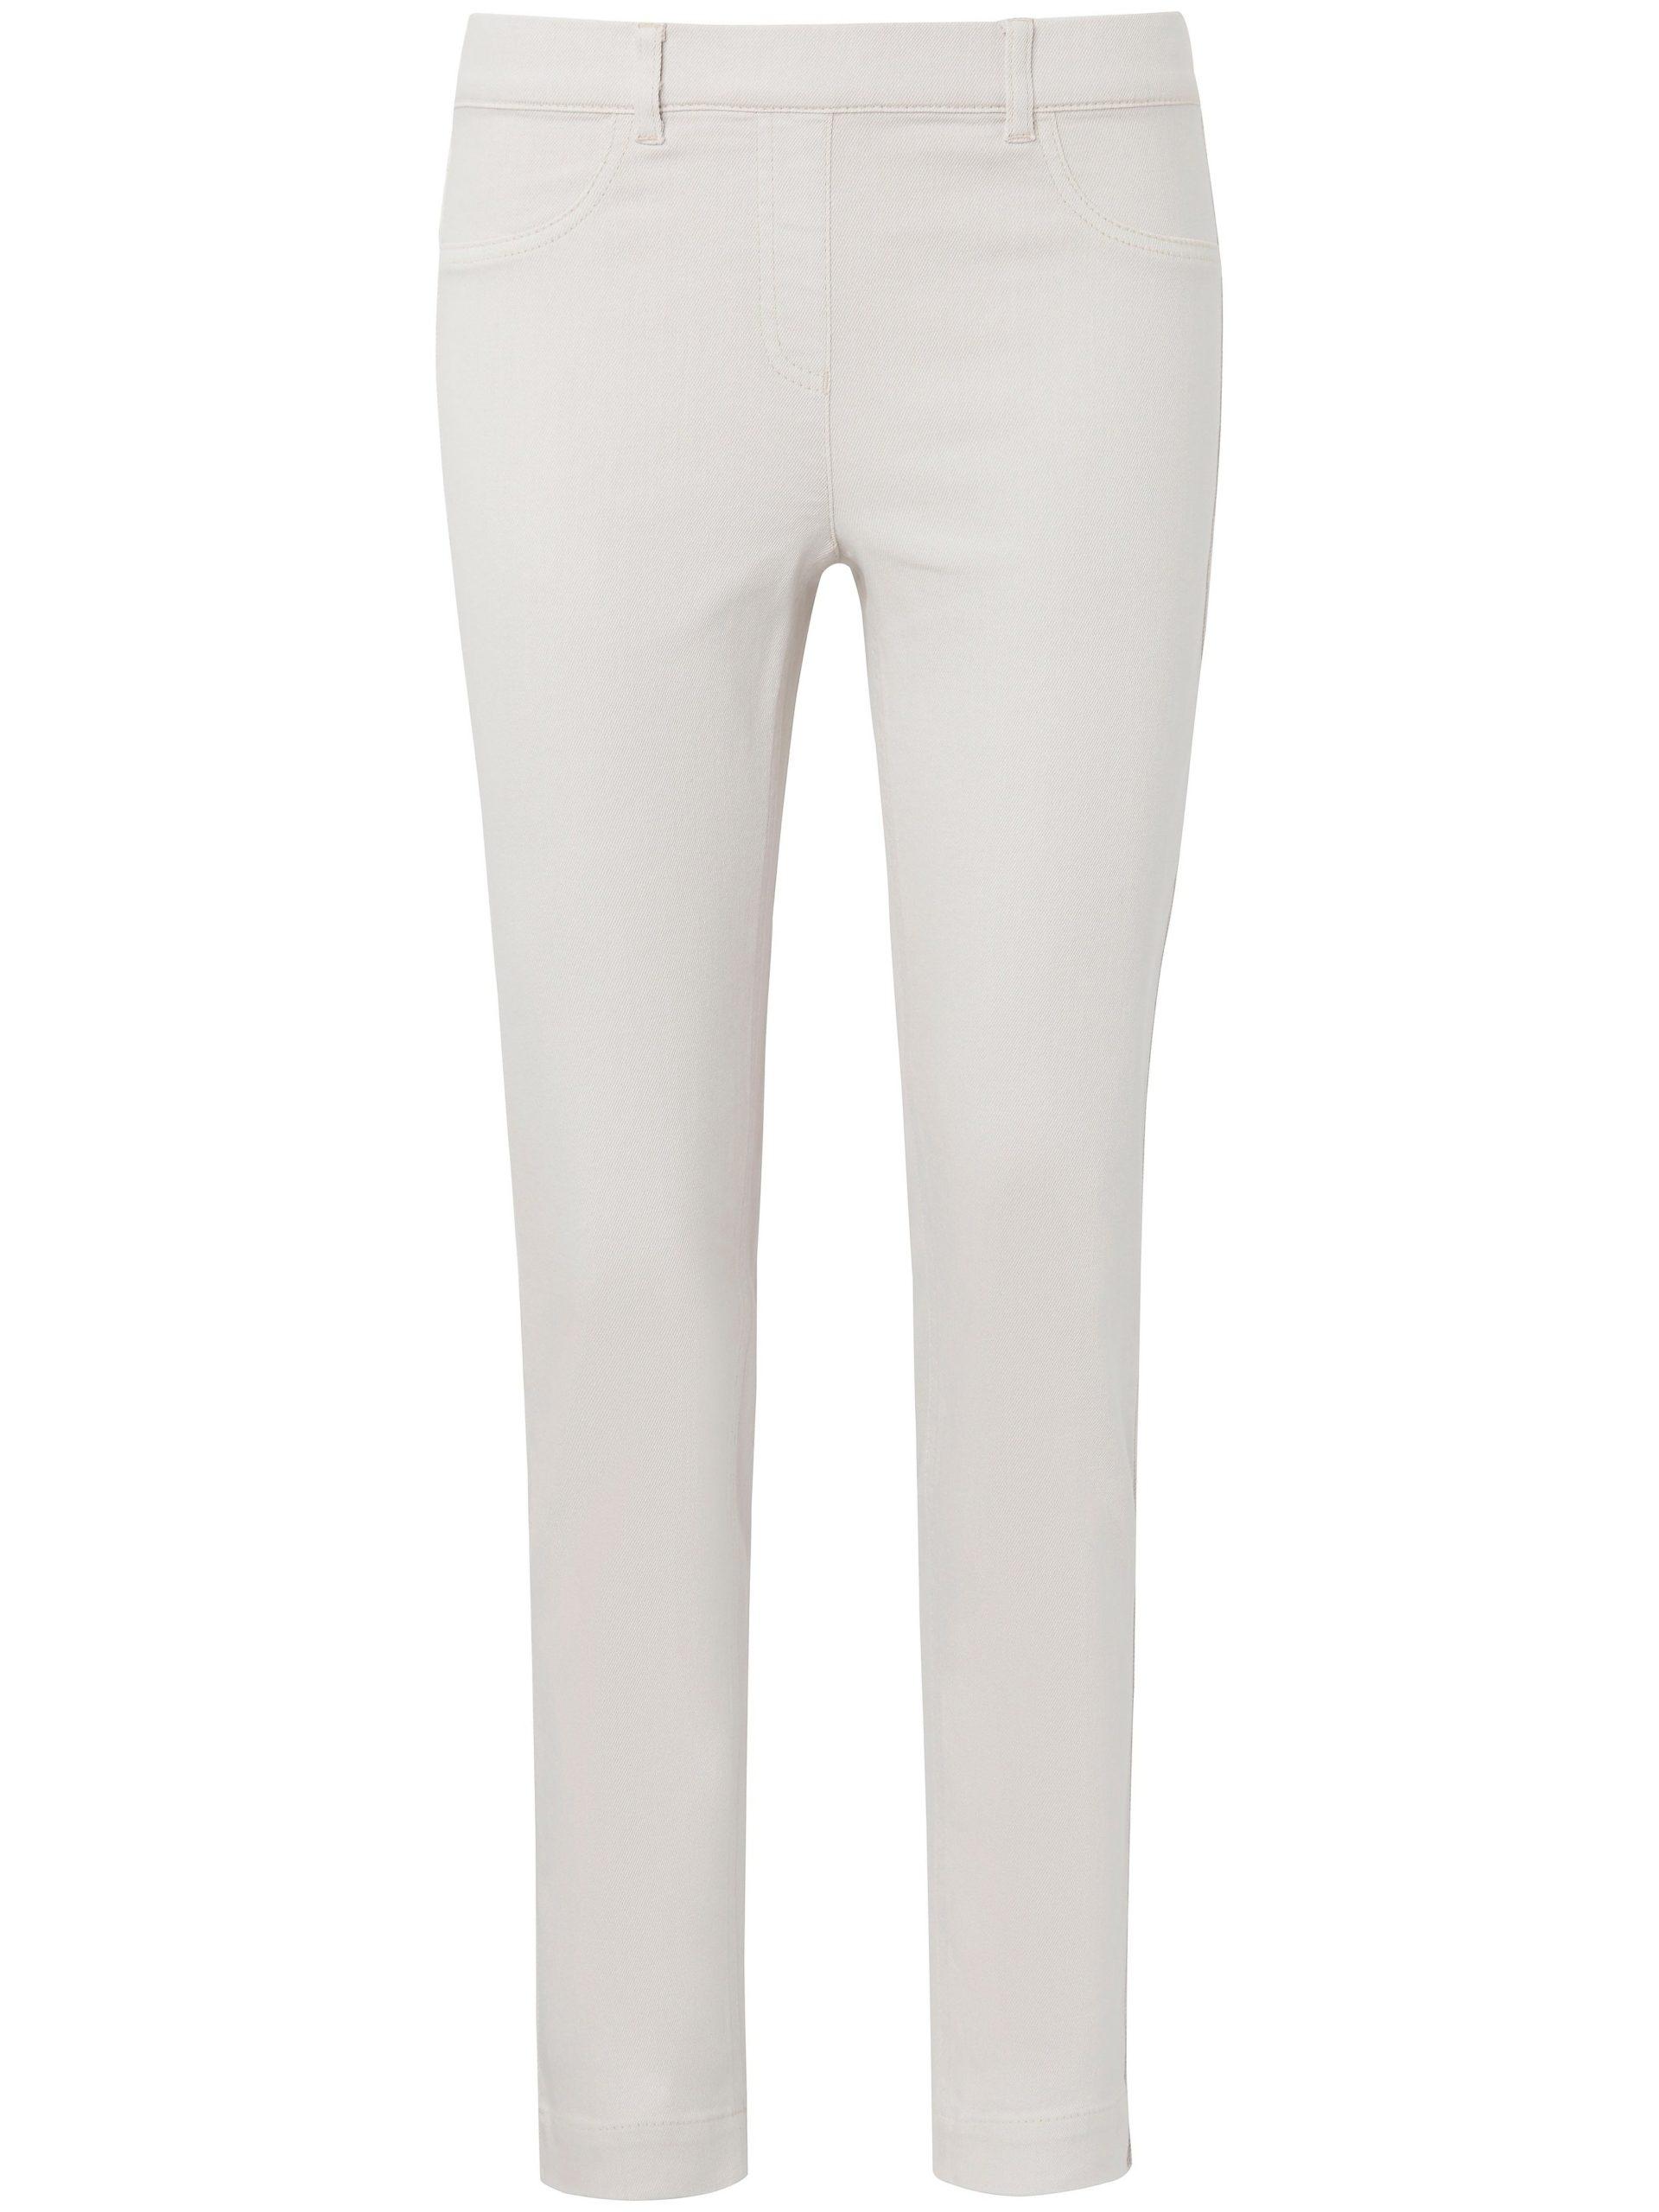 Enkellange jeans pasvorm Sylvia met ritssluiting Van Peter Hahn denim Kopen